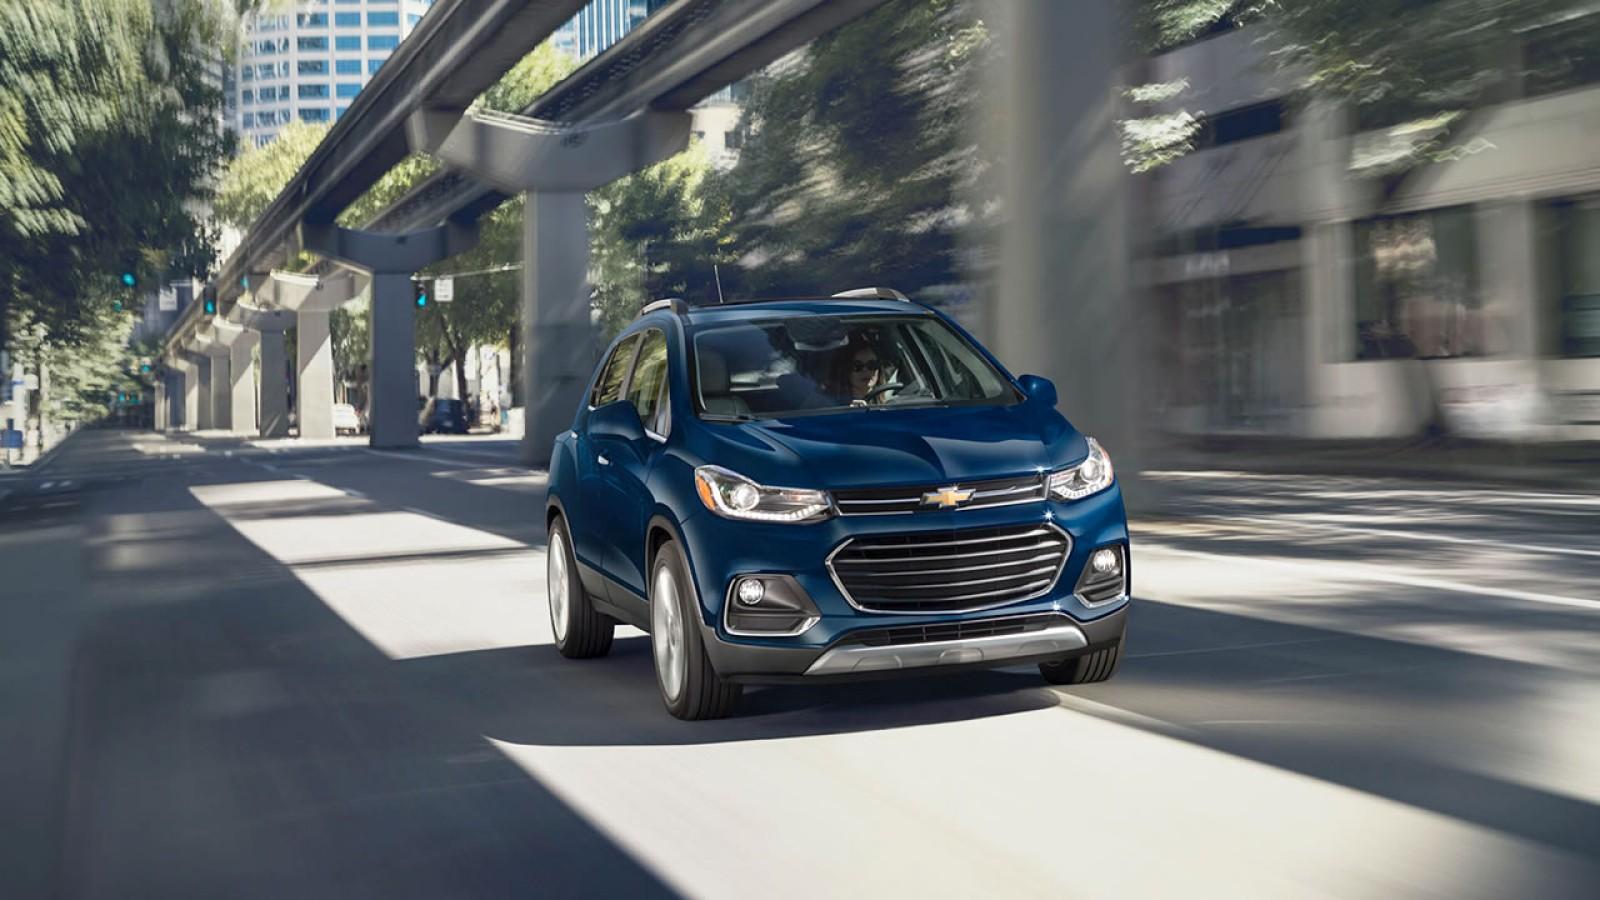 Chevrolet Trax 2018 llega a México con 4G LTE, aquí precios y versiones - Autos Actual México